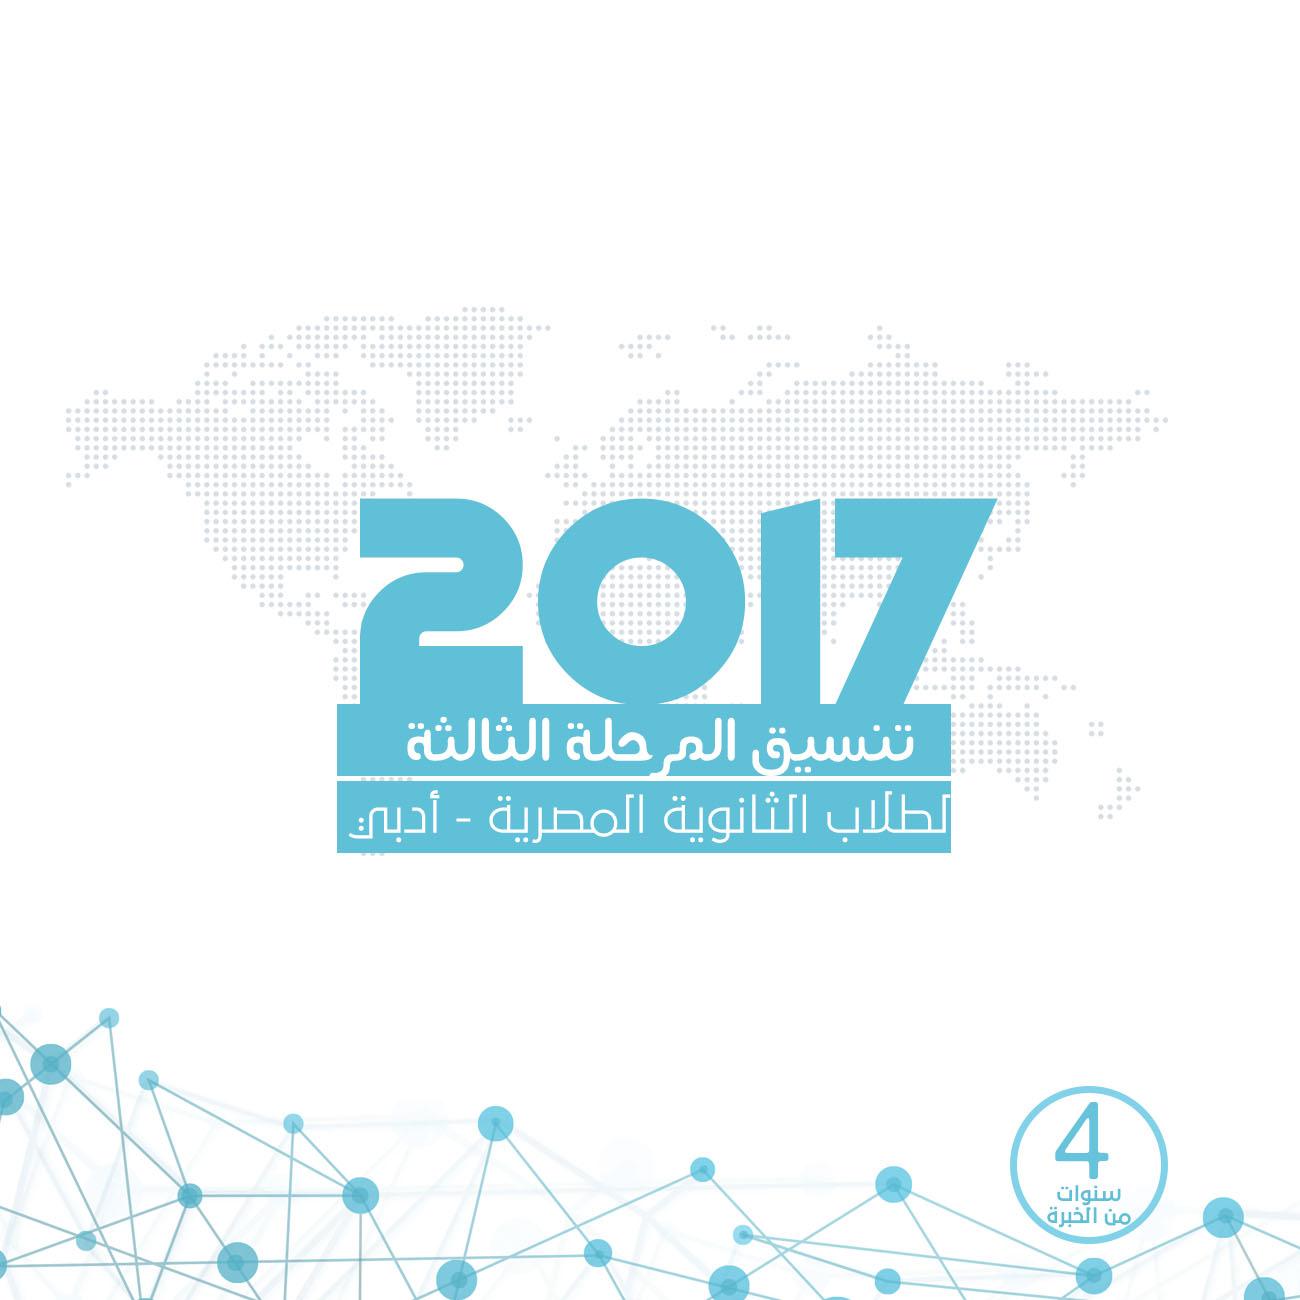 تنسيق المرحلة الثالثة للثانوية العامة المصرية أدبي مع النسبة المئوية 2017